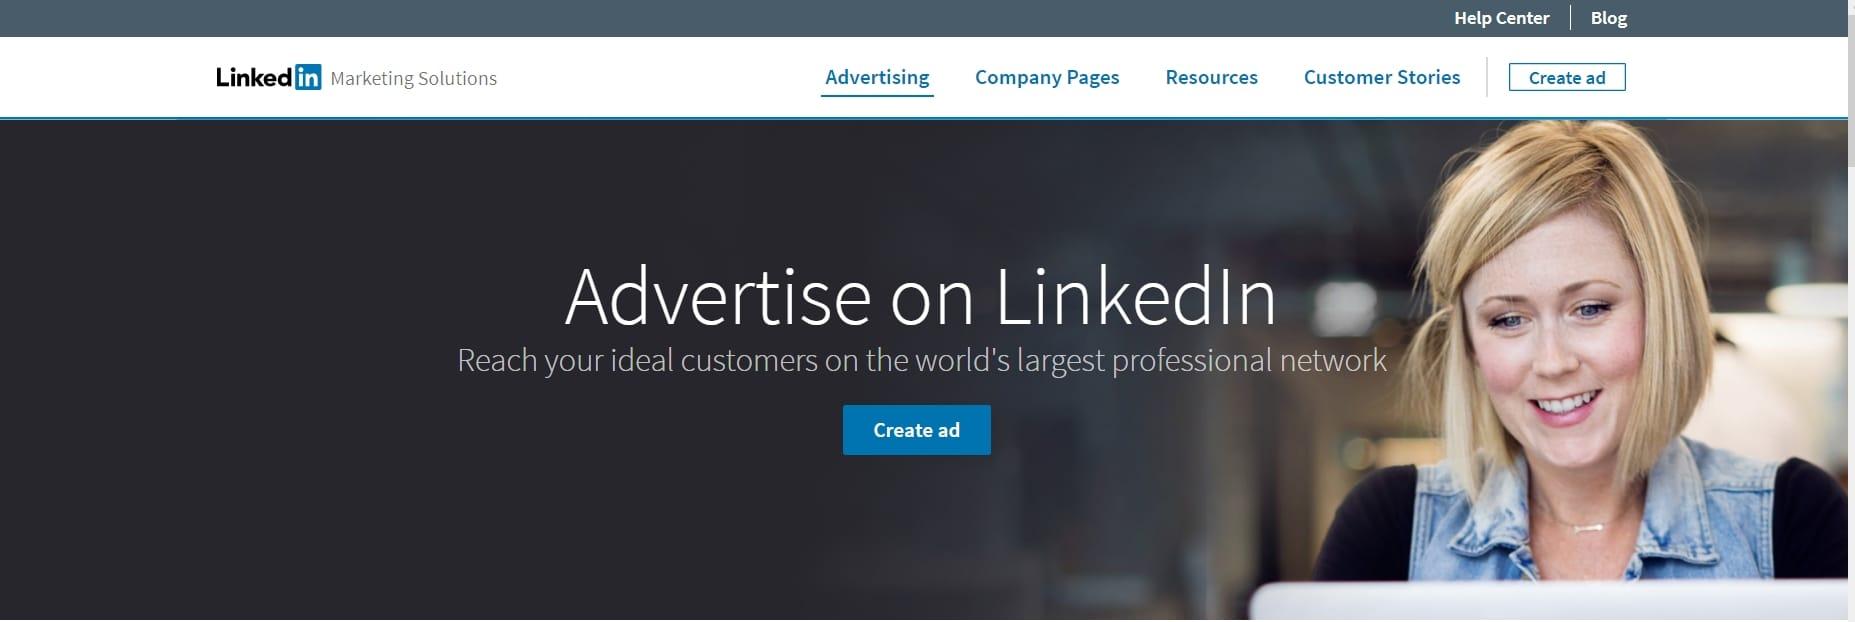 Как создать рекламу в Linkedin?